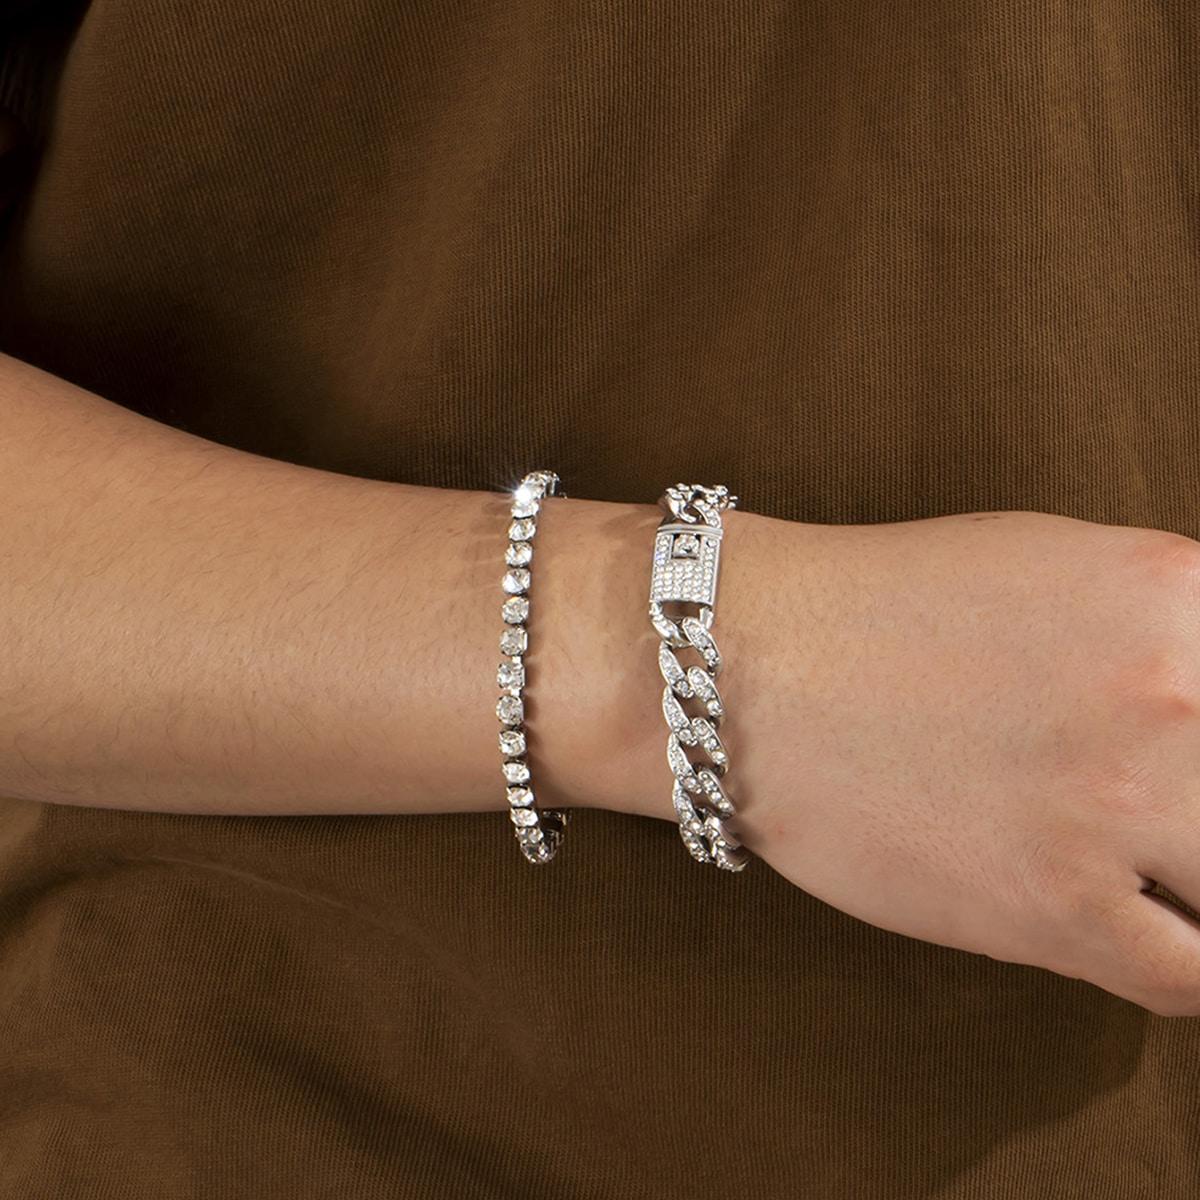 2pcs Men Rhinestone Decor Bracelet